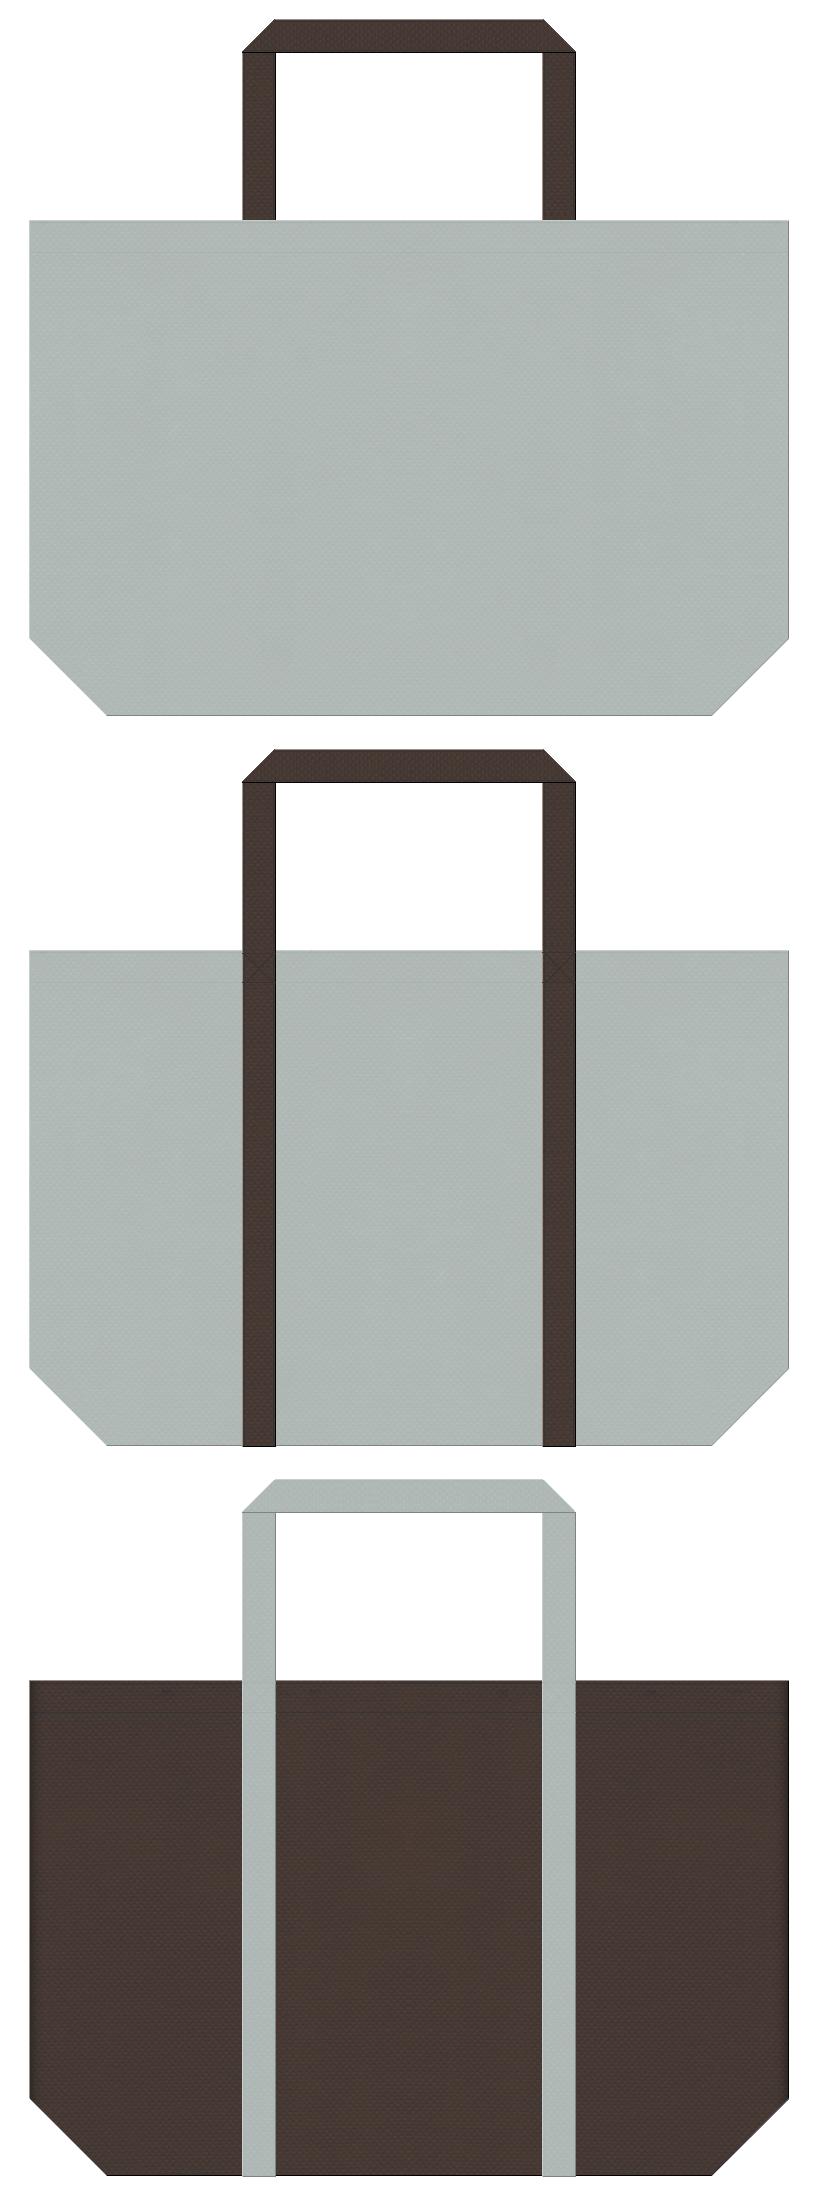 グレー色とこげ茶色の不織布エコバッグのデザイン。マンション・オフィスビル・什器・設計・事務用品のイメージにお奨めの配色です。